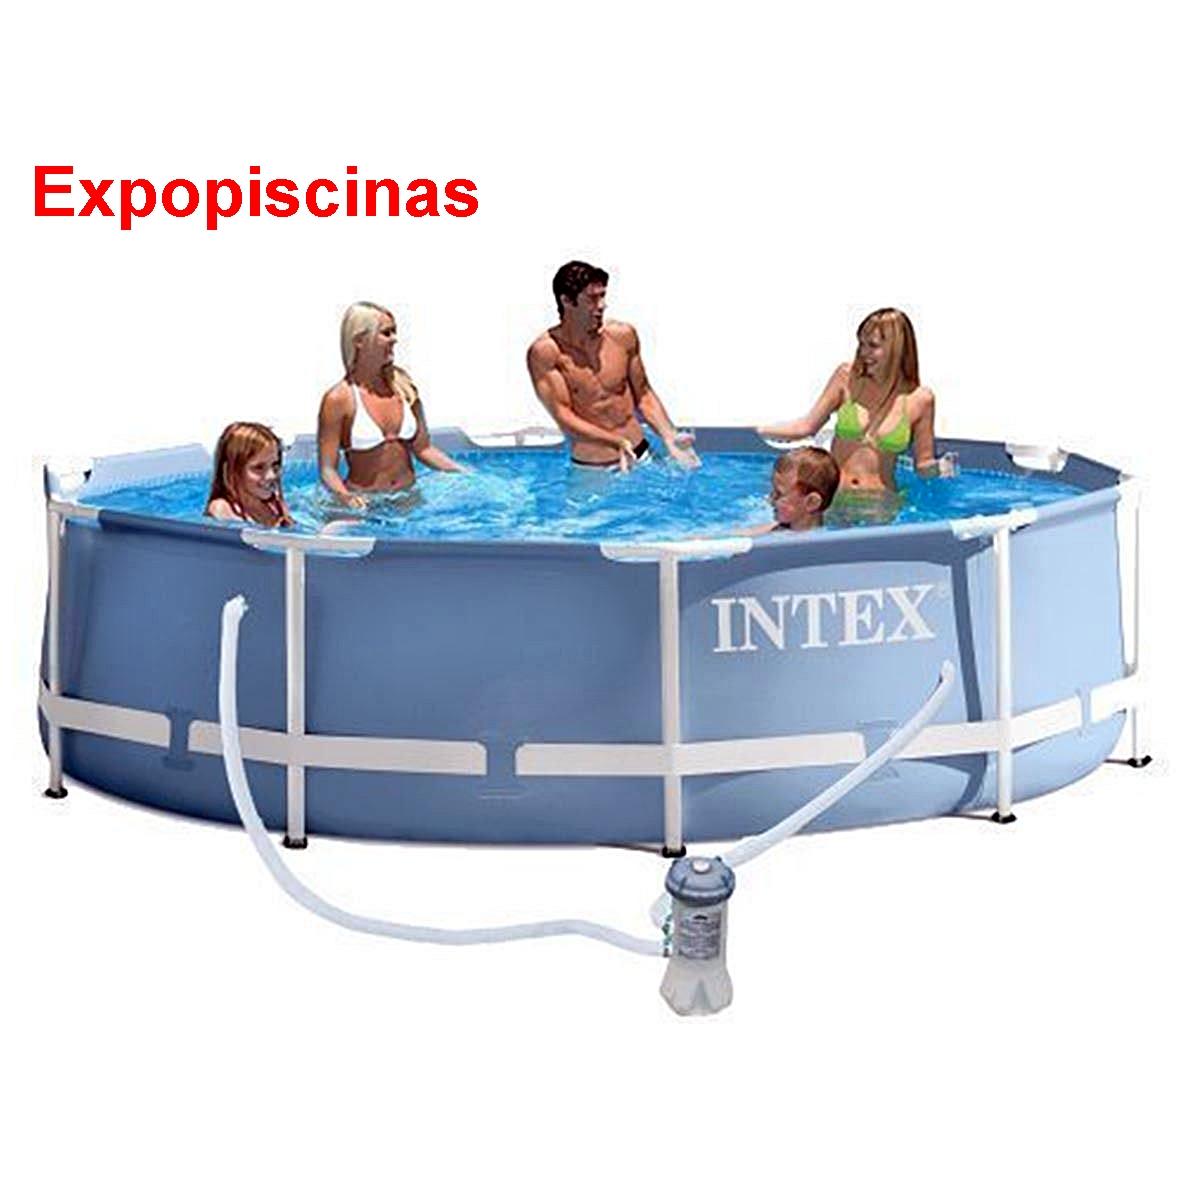 Expo piscinas - Cubre piscinas intex ...